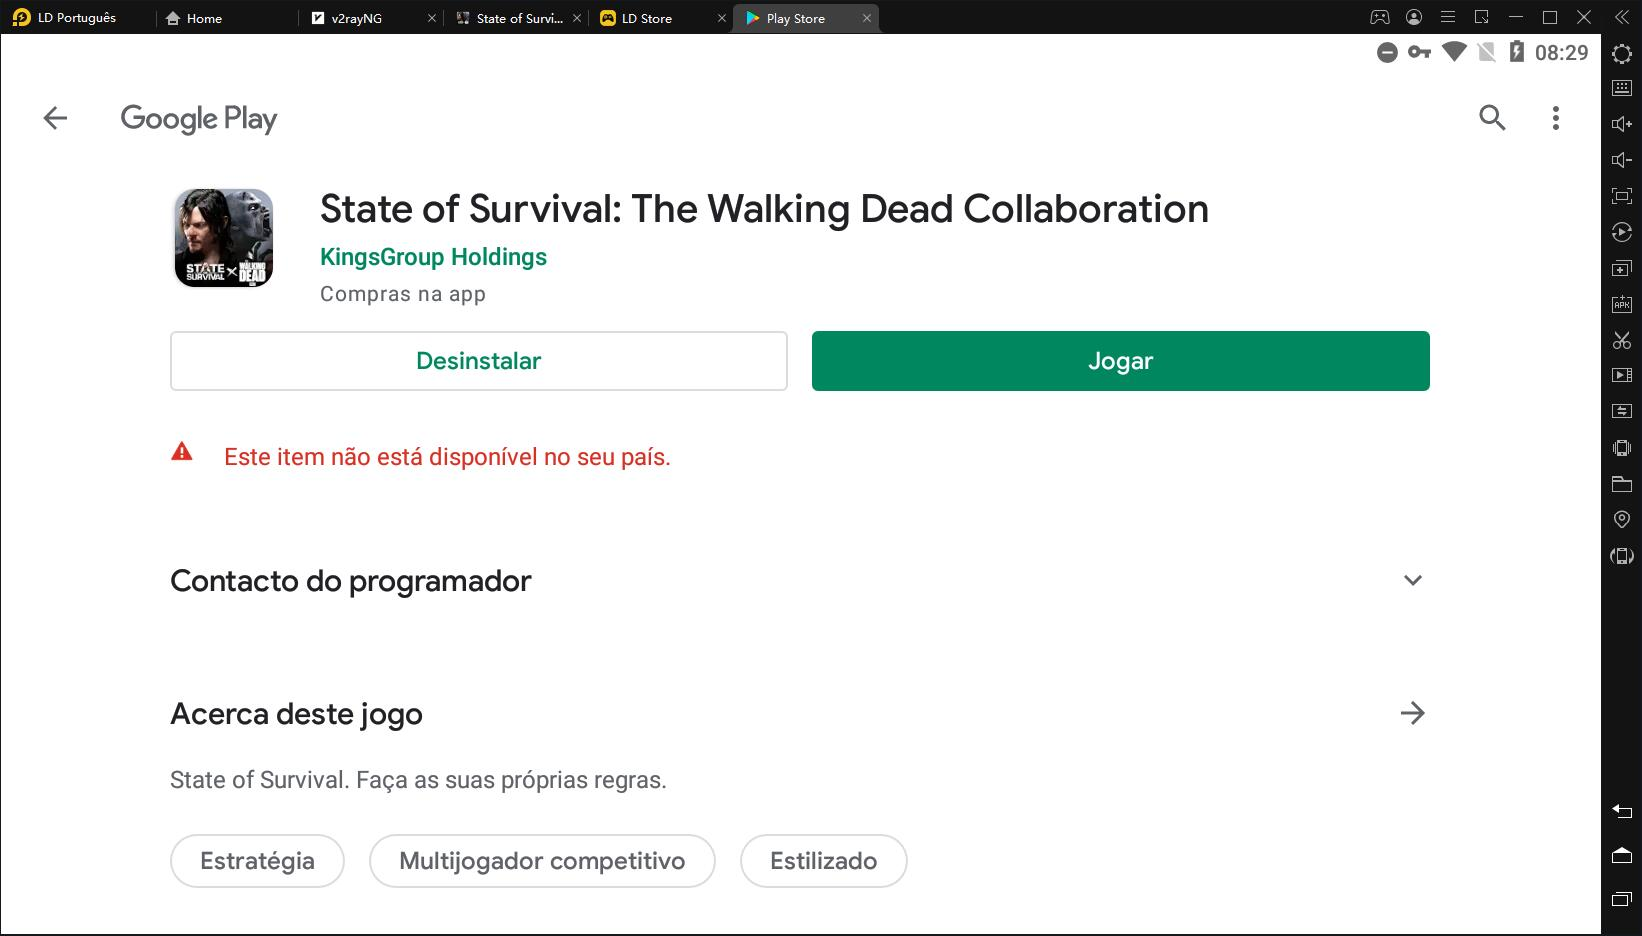 Como jogar State of Survival no PC usando LDPlayer?